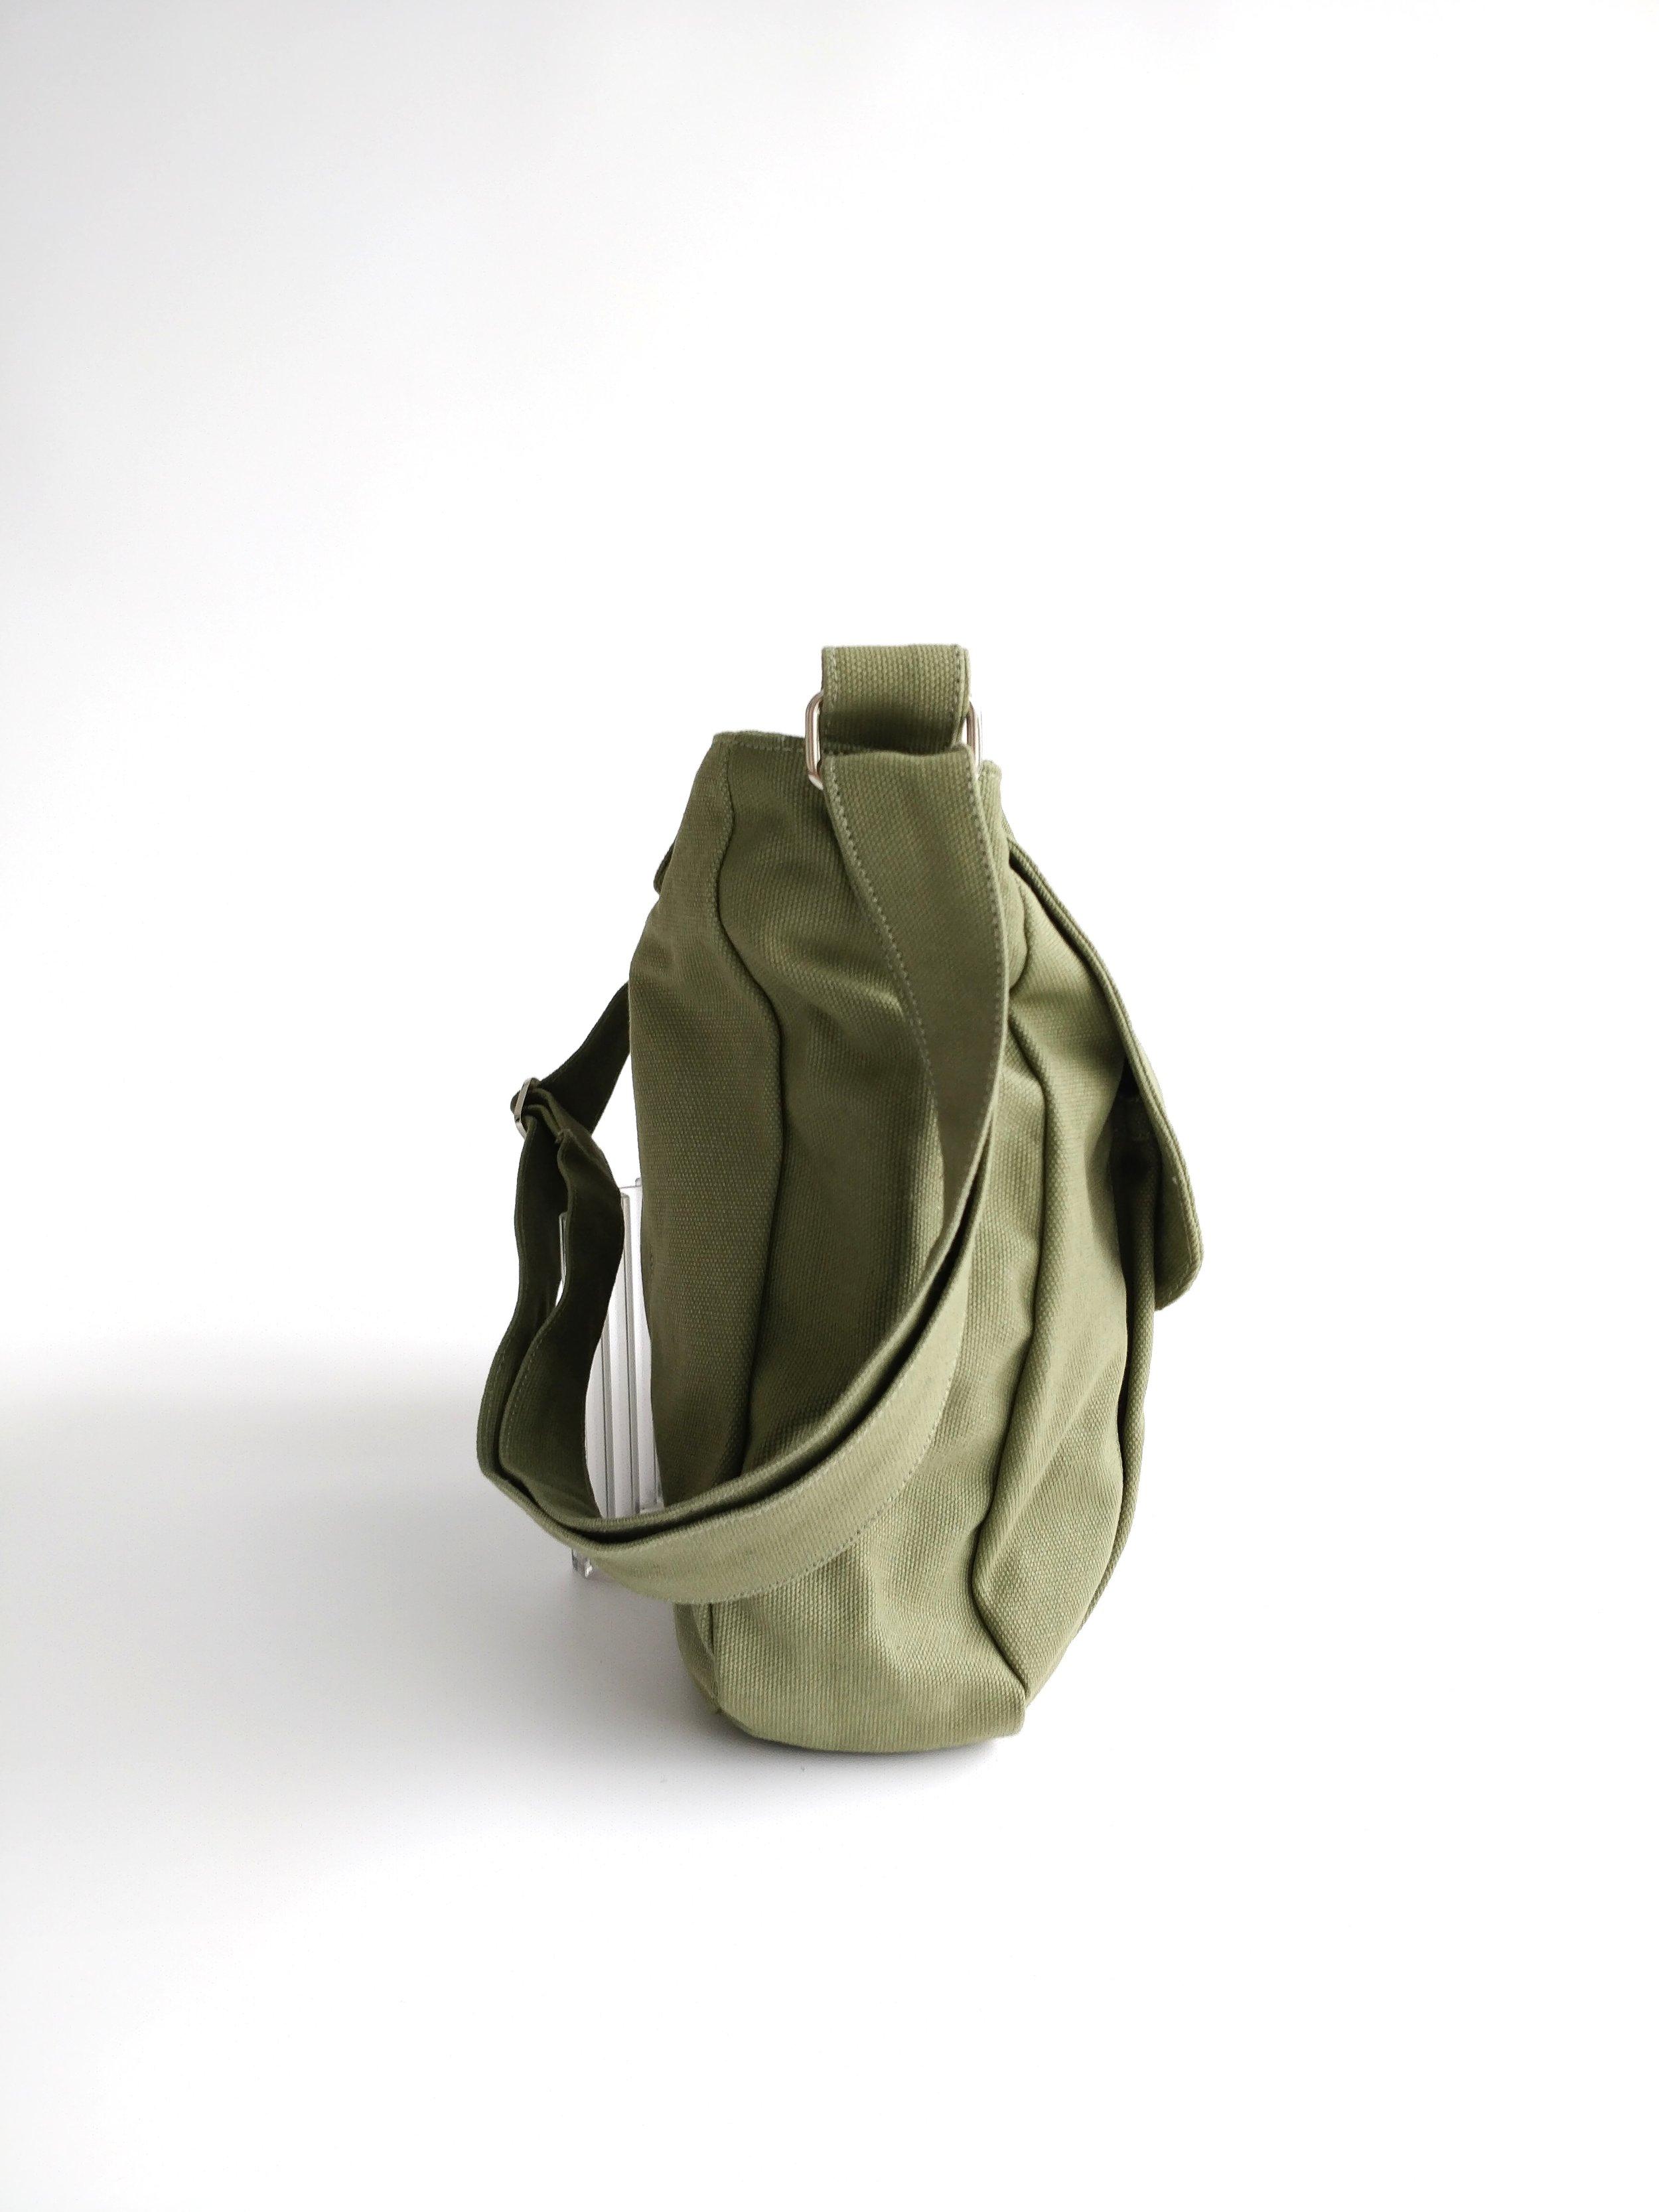 Kylie 12 Smoke Green Travel Shoulder Bag More Colors Christy Studio